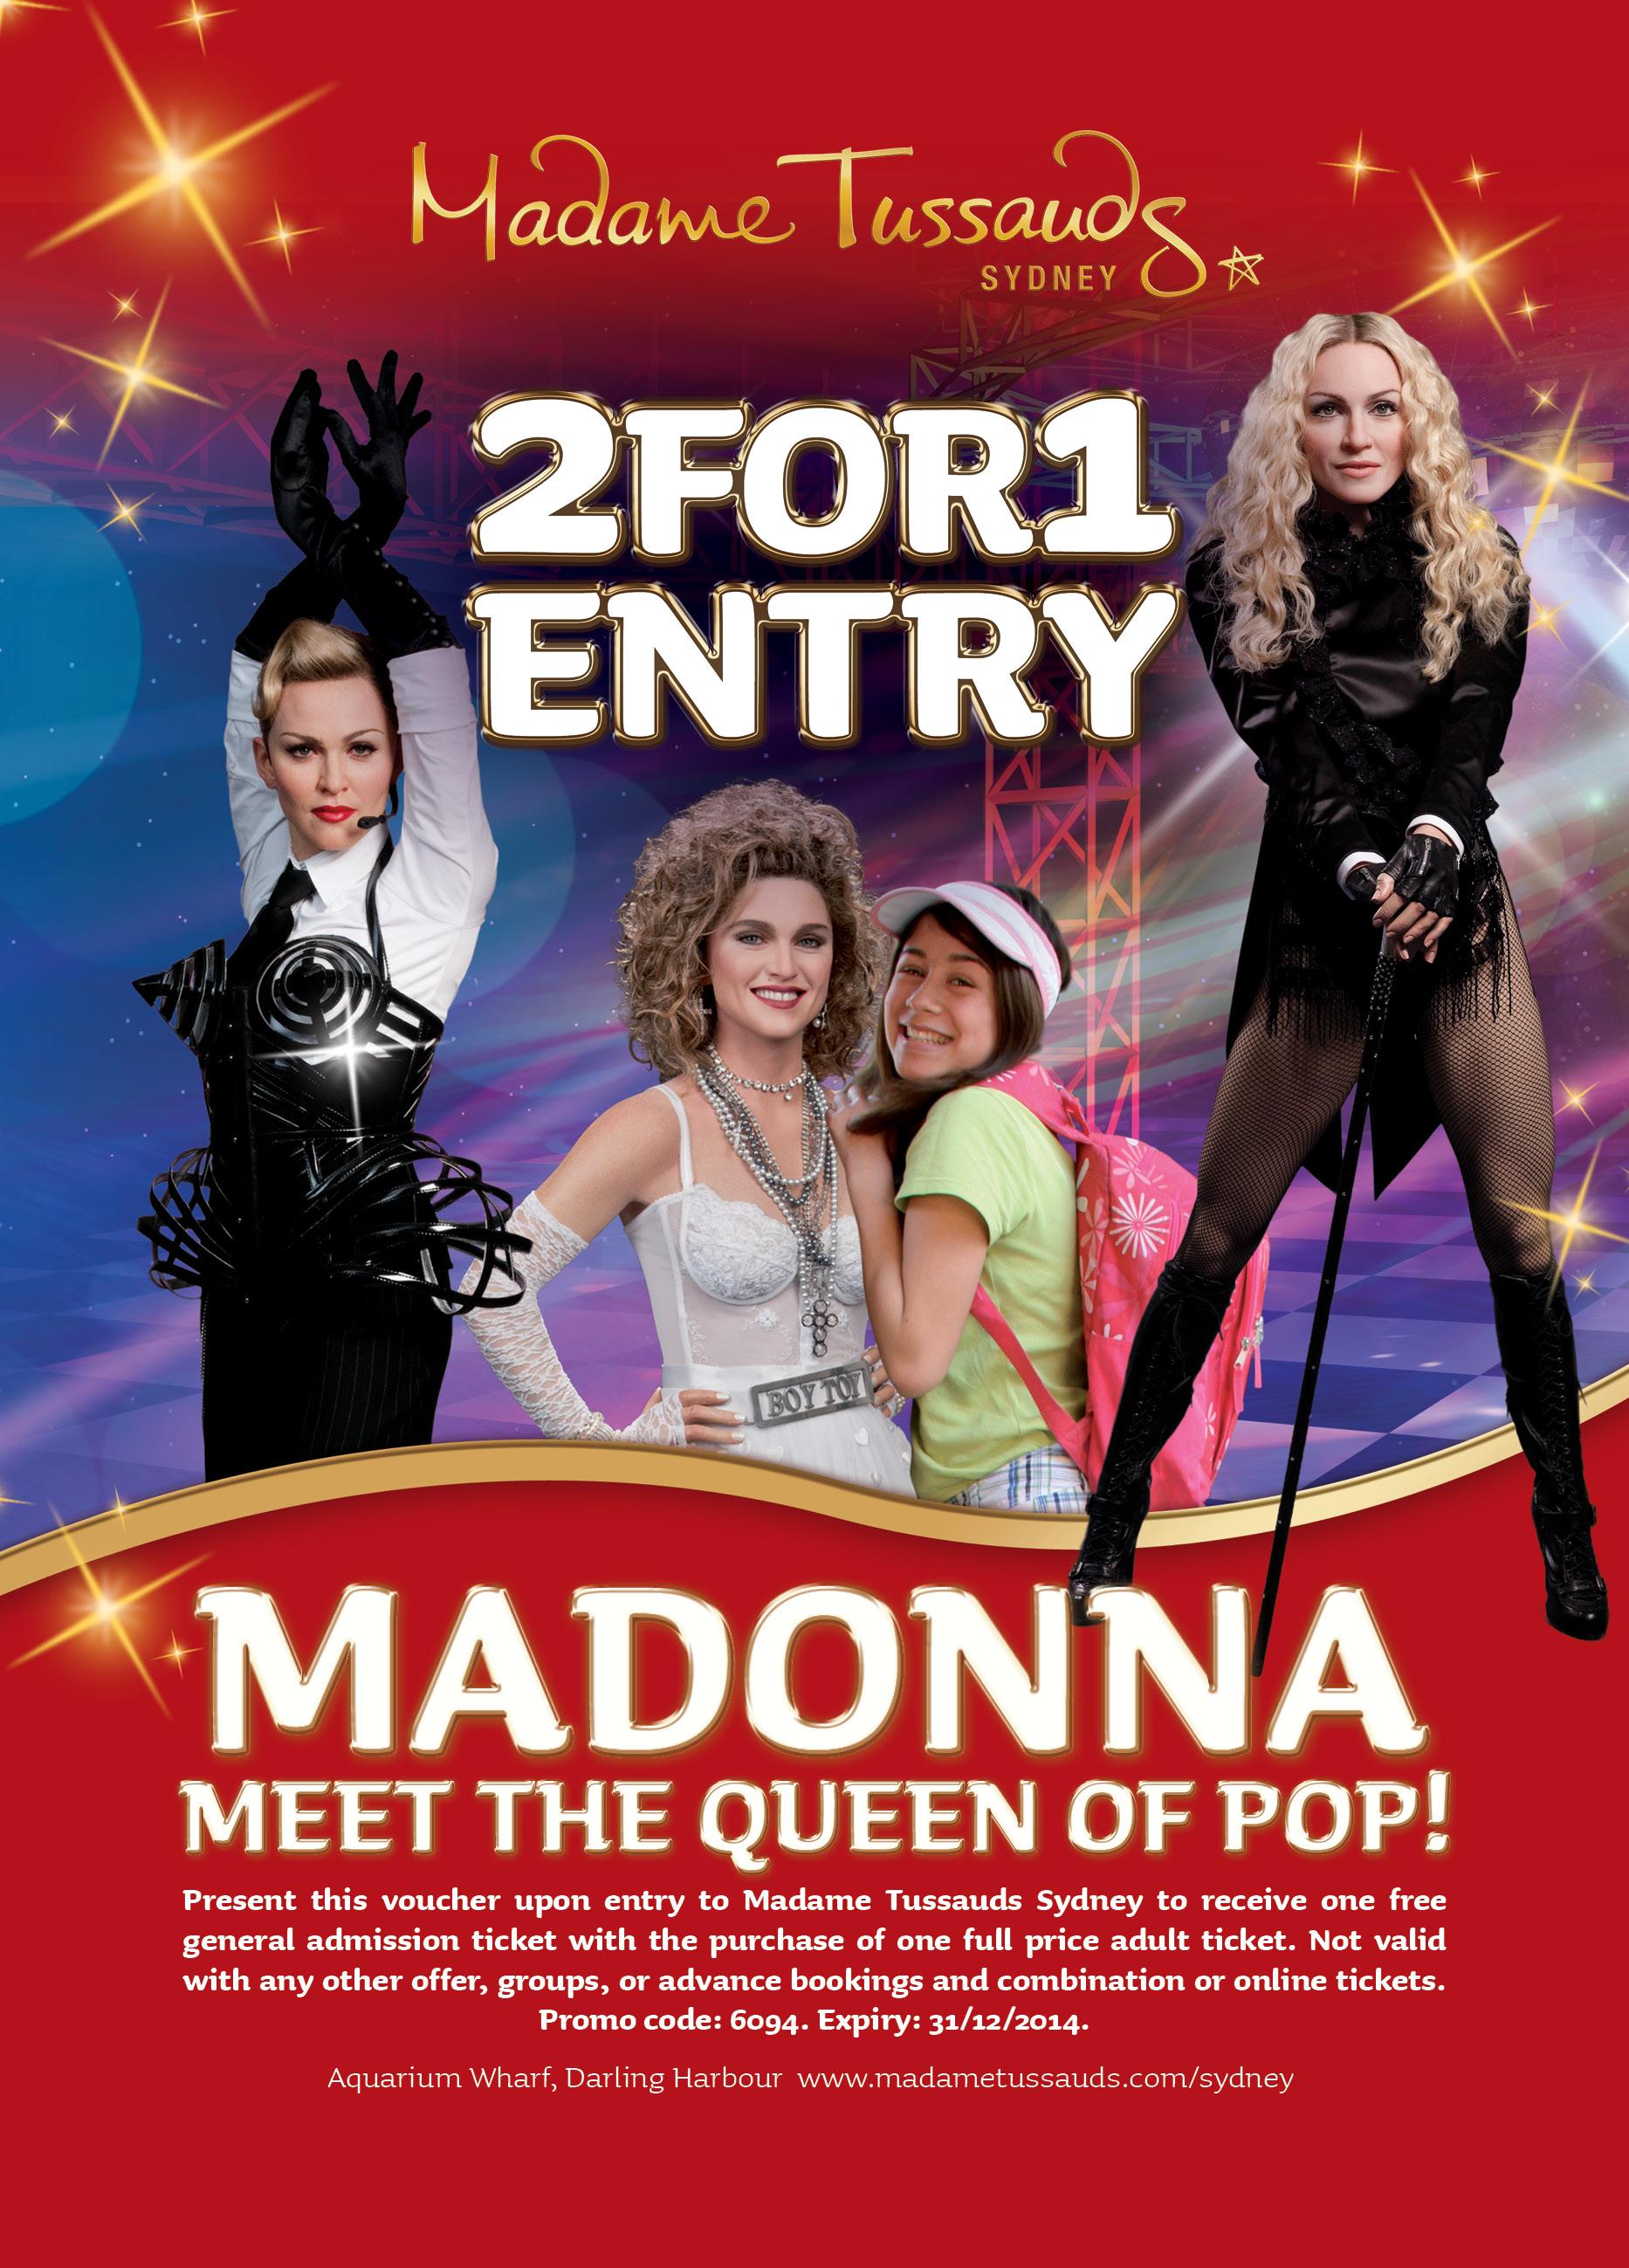 MTS Madonna Voucher.jpg